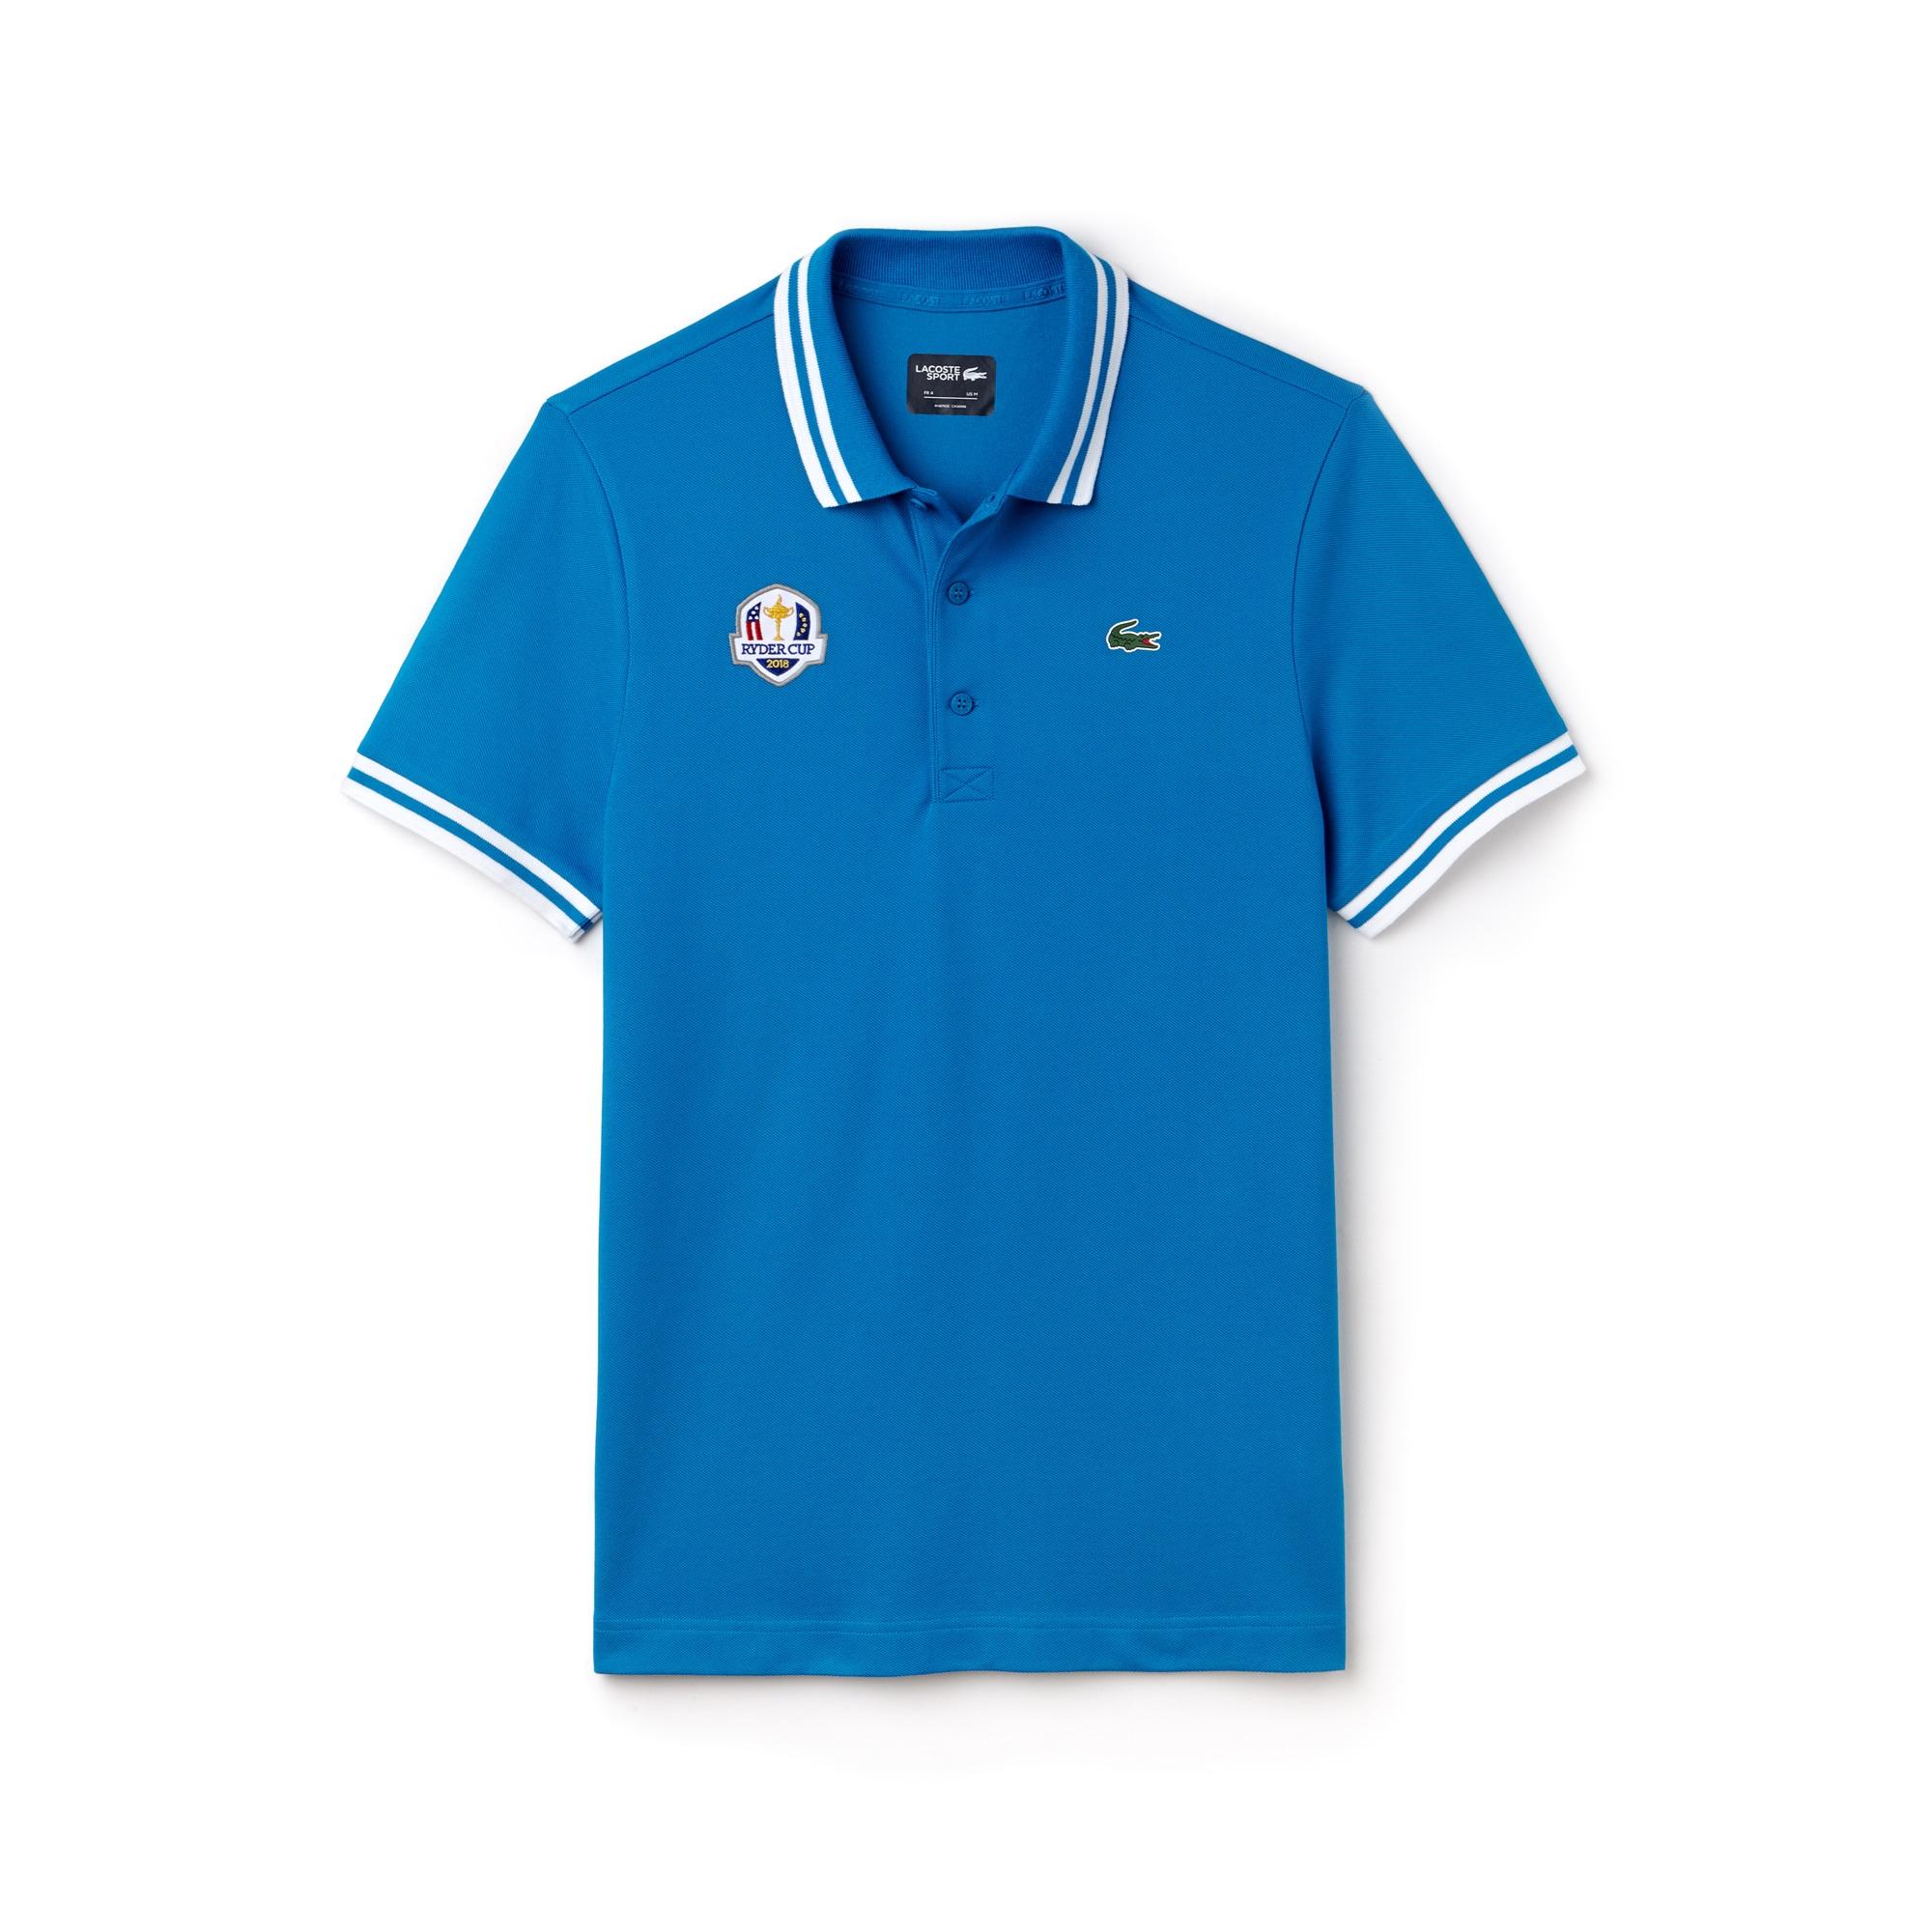 Men's Lacoste SPORT Ryder Cup Edition Tech Petit Piqué Golf Polo